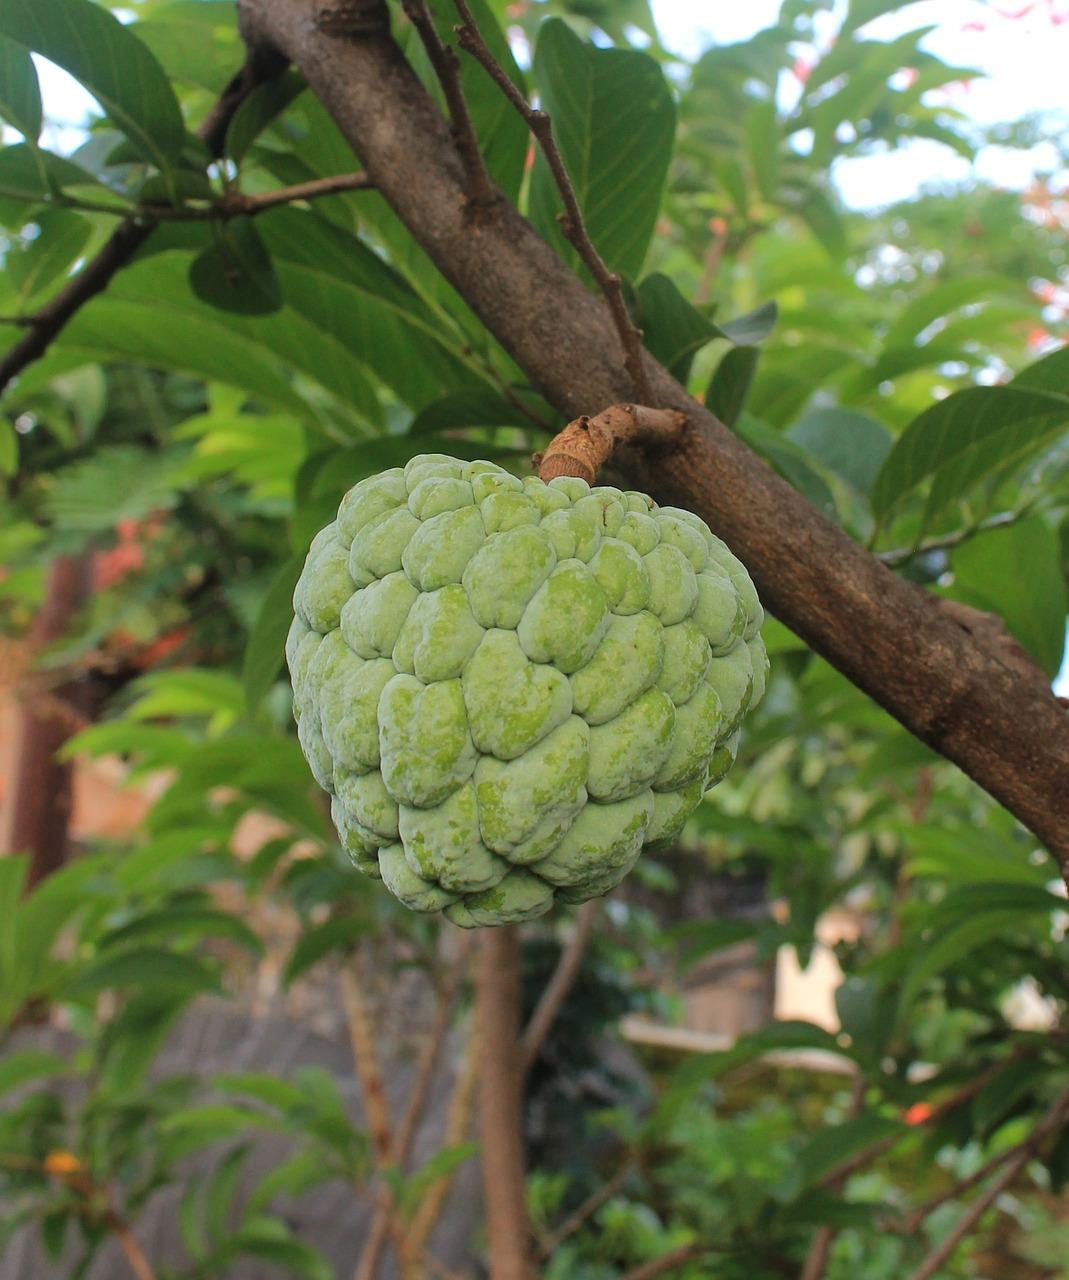 Η Cherimoya (Annonacherimola), κοινώς Tσεριμόγια, είναι δένδρο υποτροπικών περιοχών και προέρχεται από τις ορεινές κοιλάδες του Περού και του Ισημερινού